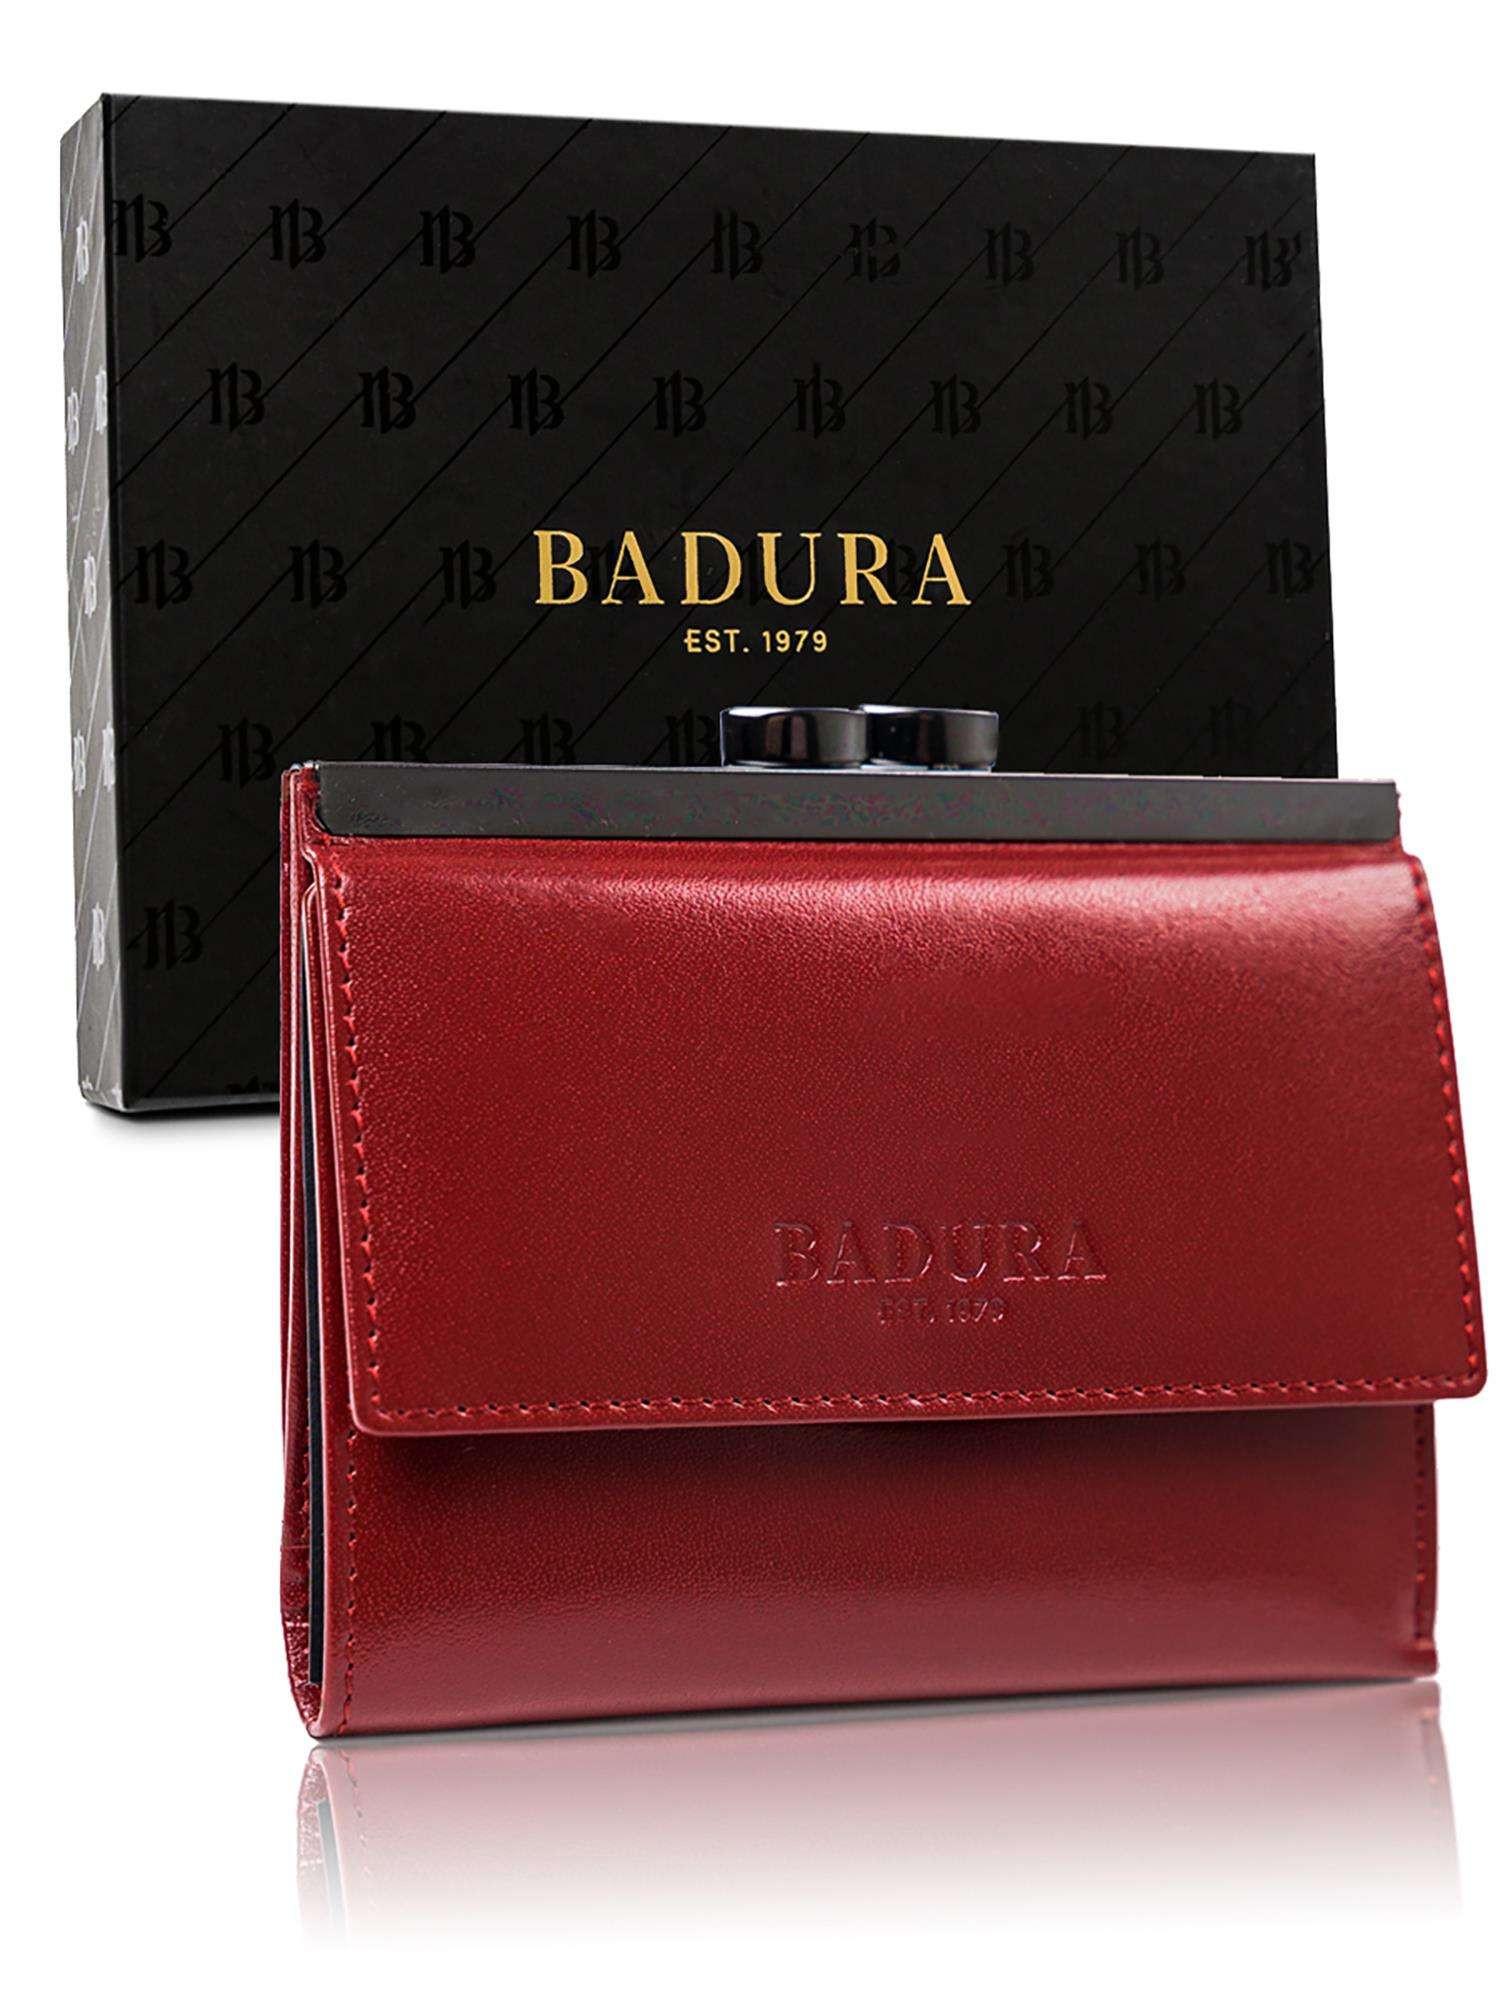 Kožená pánska peňaženka Badura červená one size